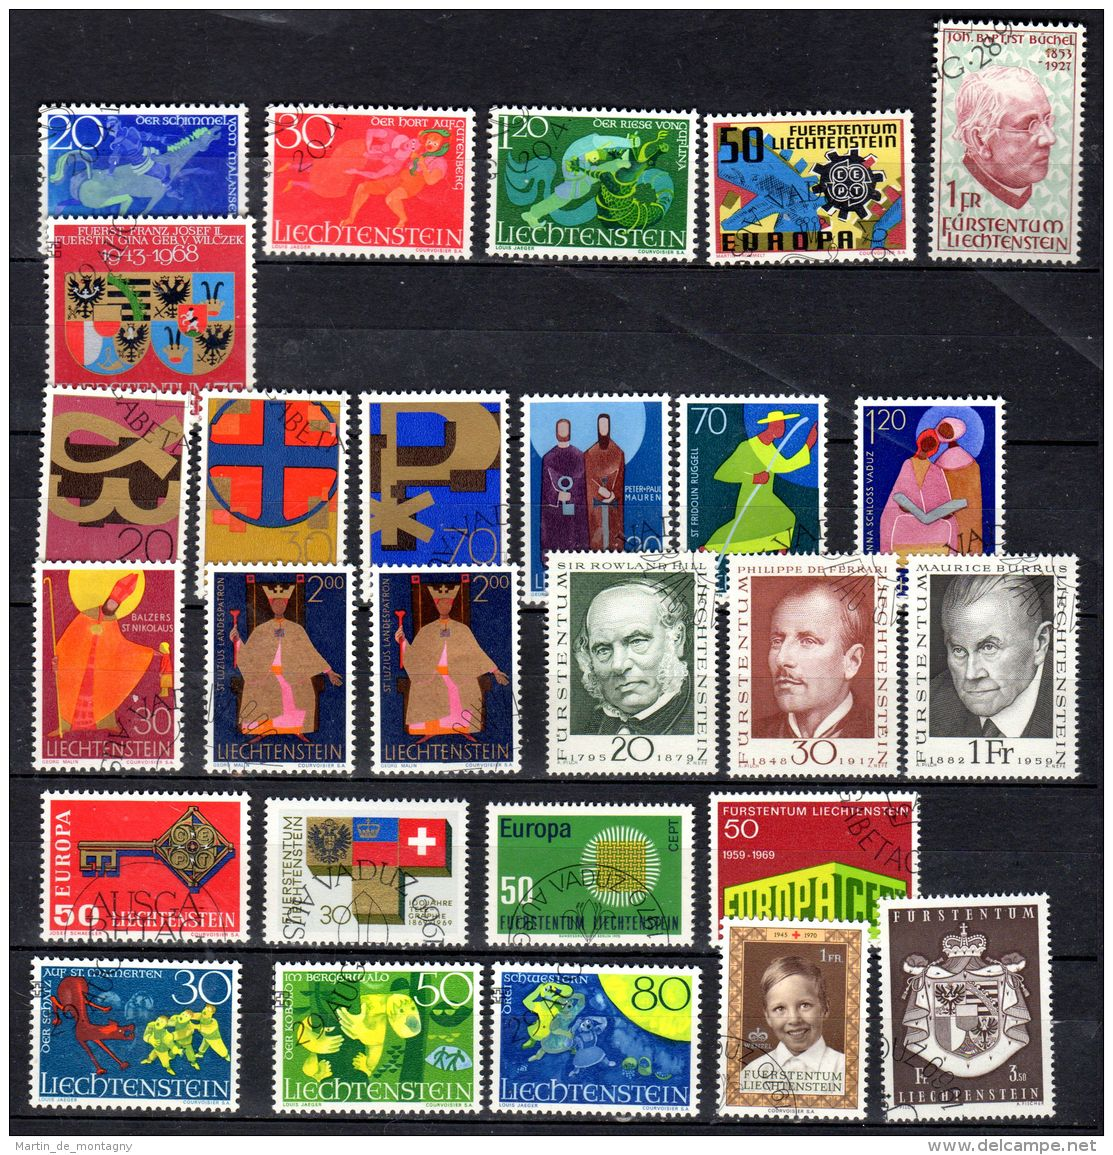 Petite Collection Du Timbres Liechtenstein - Selon Scan; Divers YT ; Oblitéré, Lot 49632 - Collections